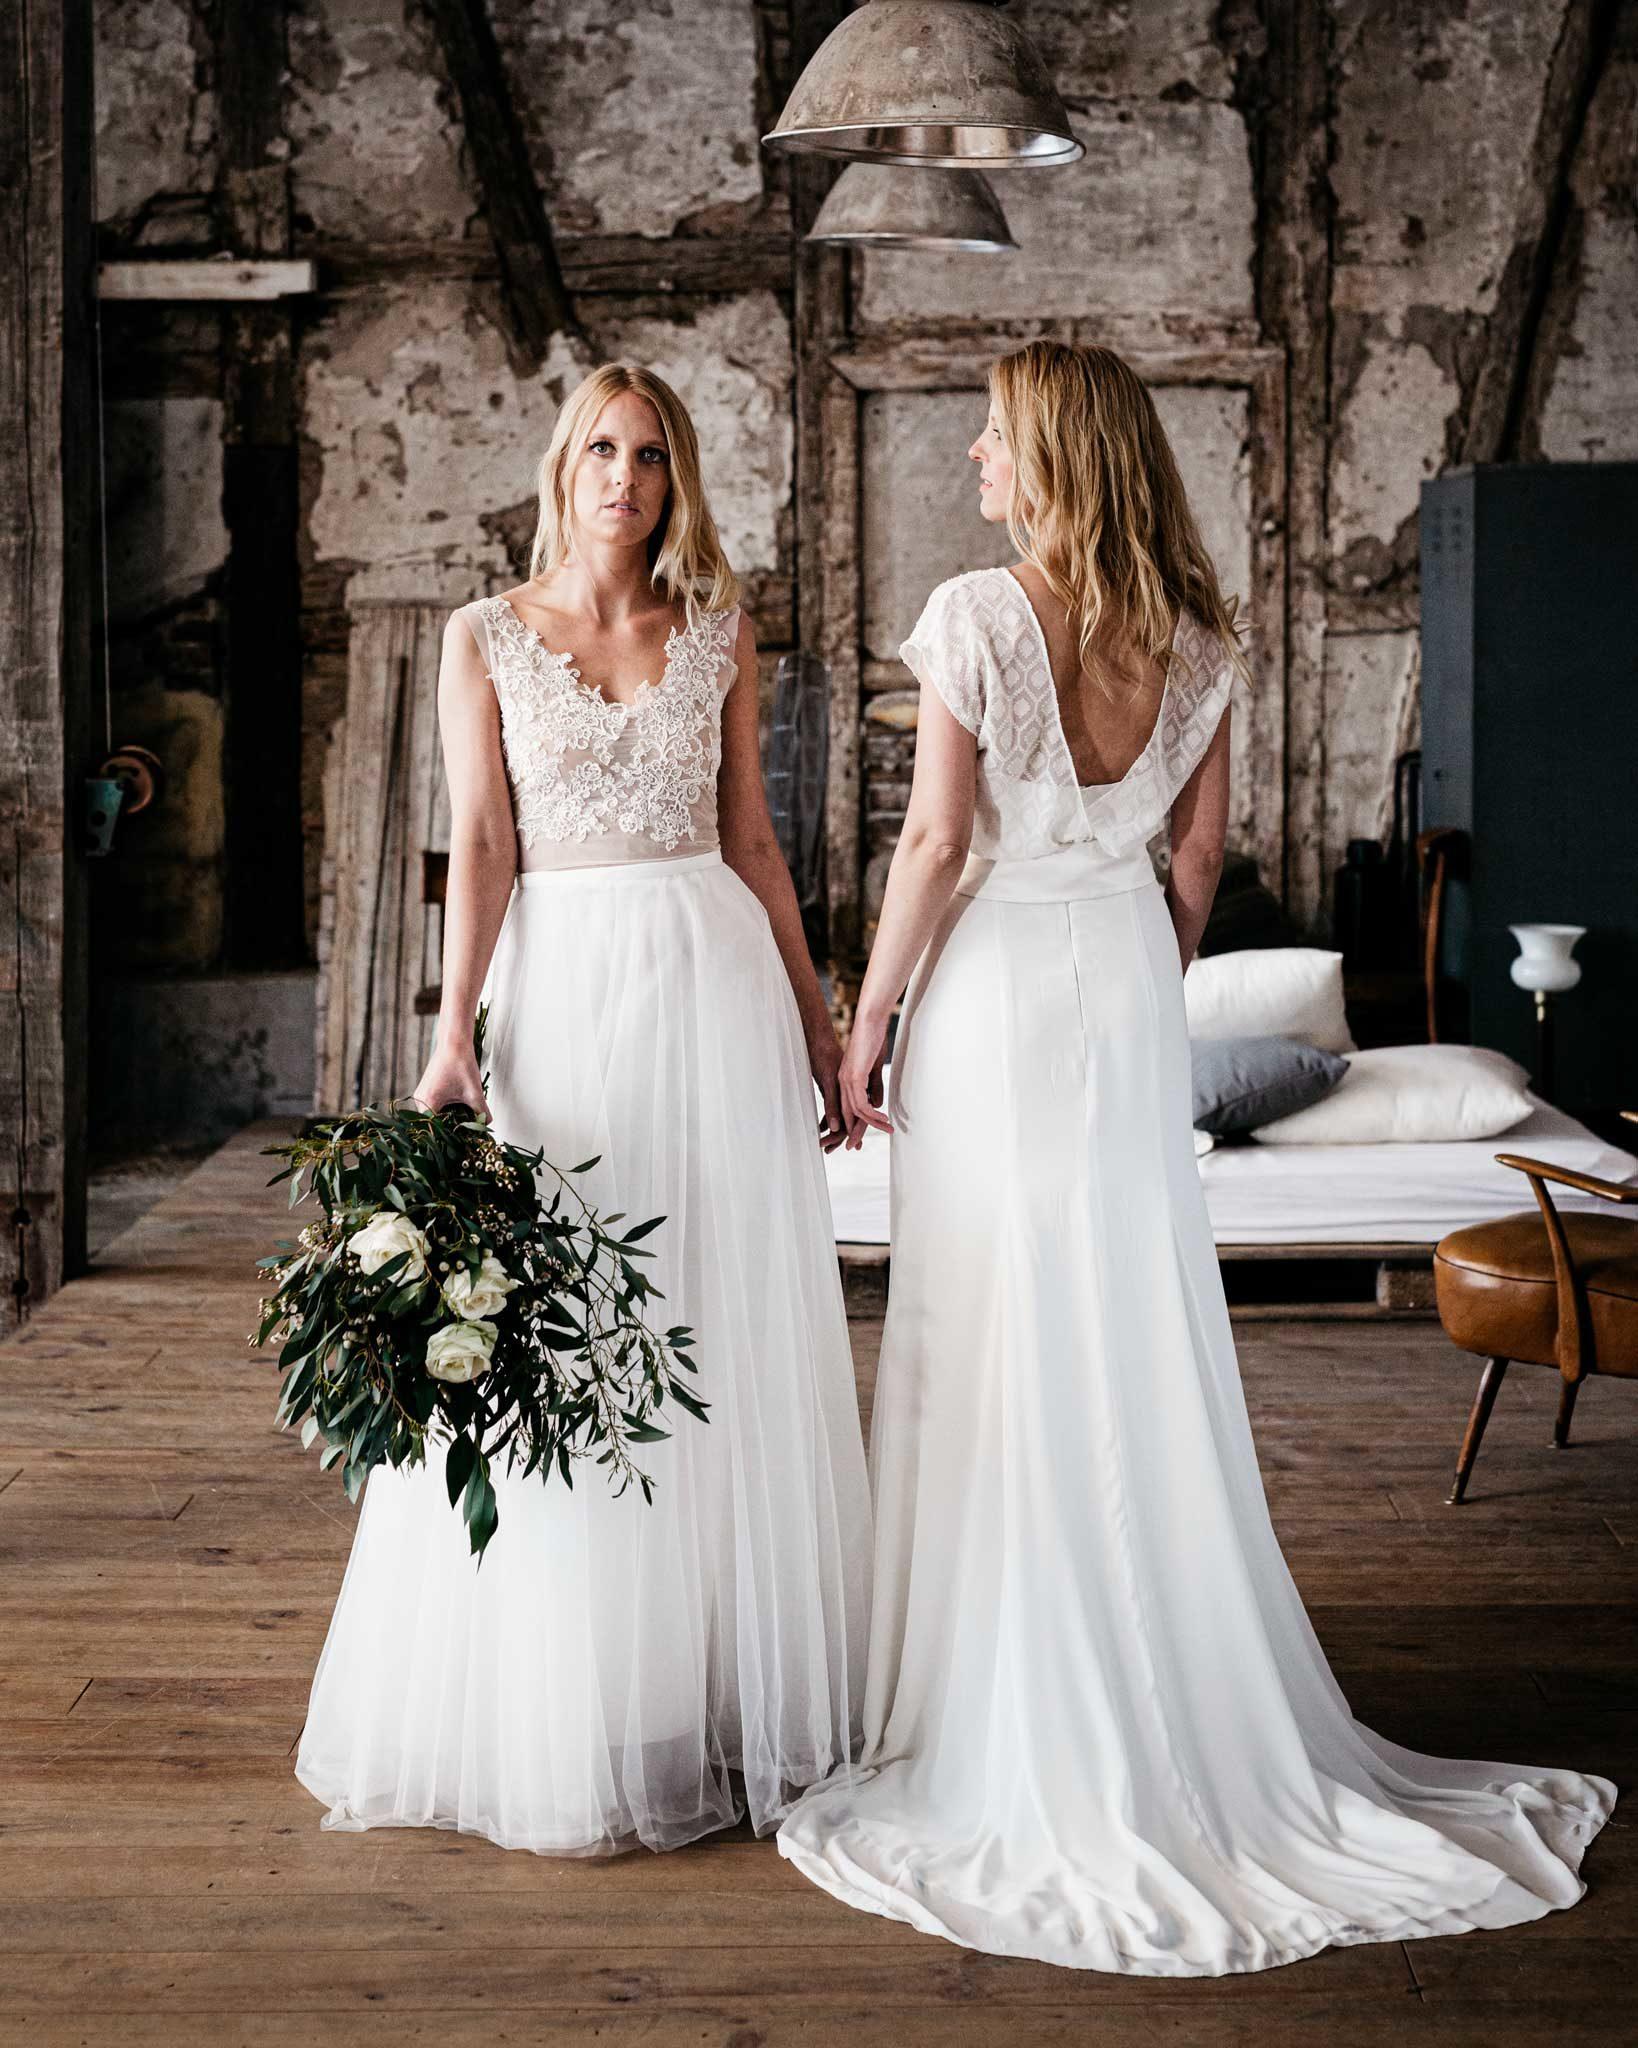 Zwei junge sehr hübsche Frauen stehen nebeneinander in Design Brautkleidern und berühren sich leicht an der Hand. Fotoshoot für die neue Brautkleid-Kollektion von Lena Wolf für 2018.